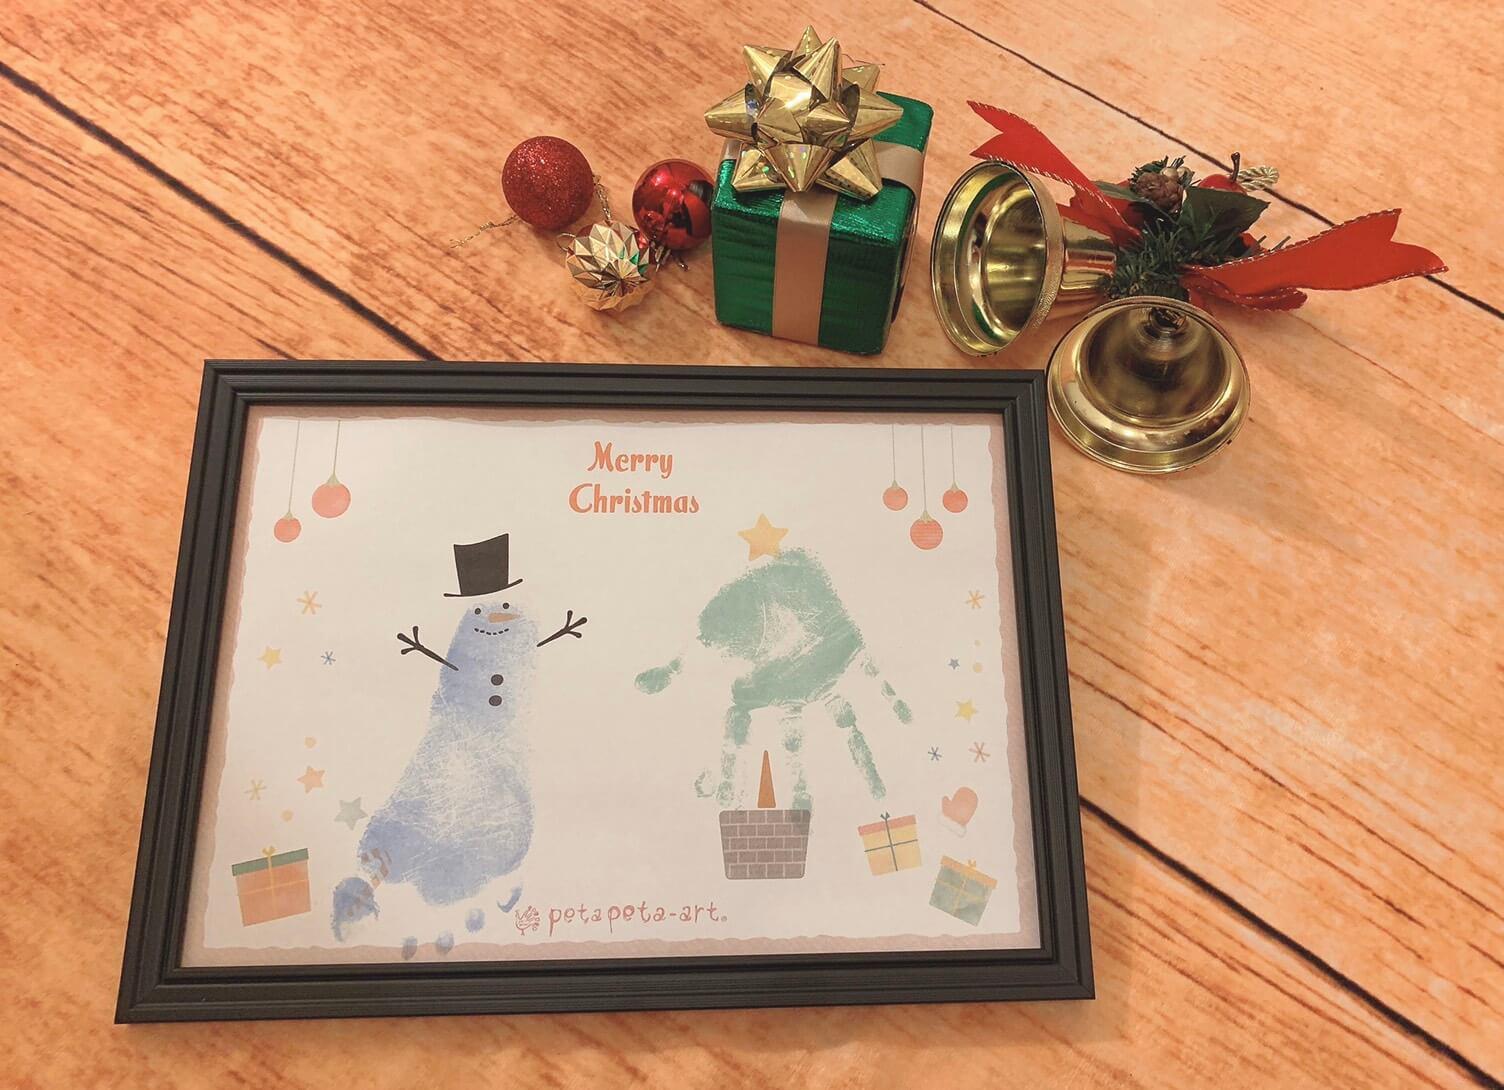 ペタペタアート クリスマス 手形足形アート 赤ちゃん思い出